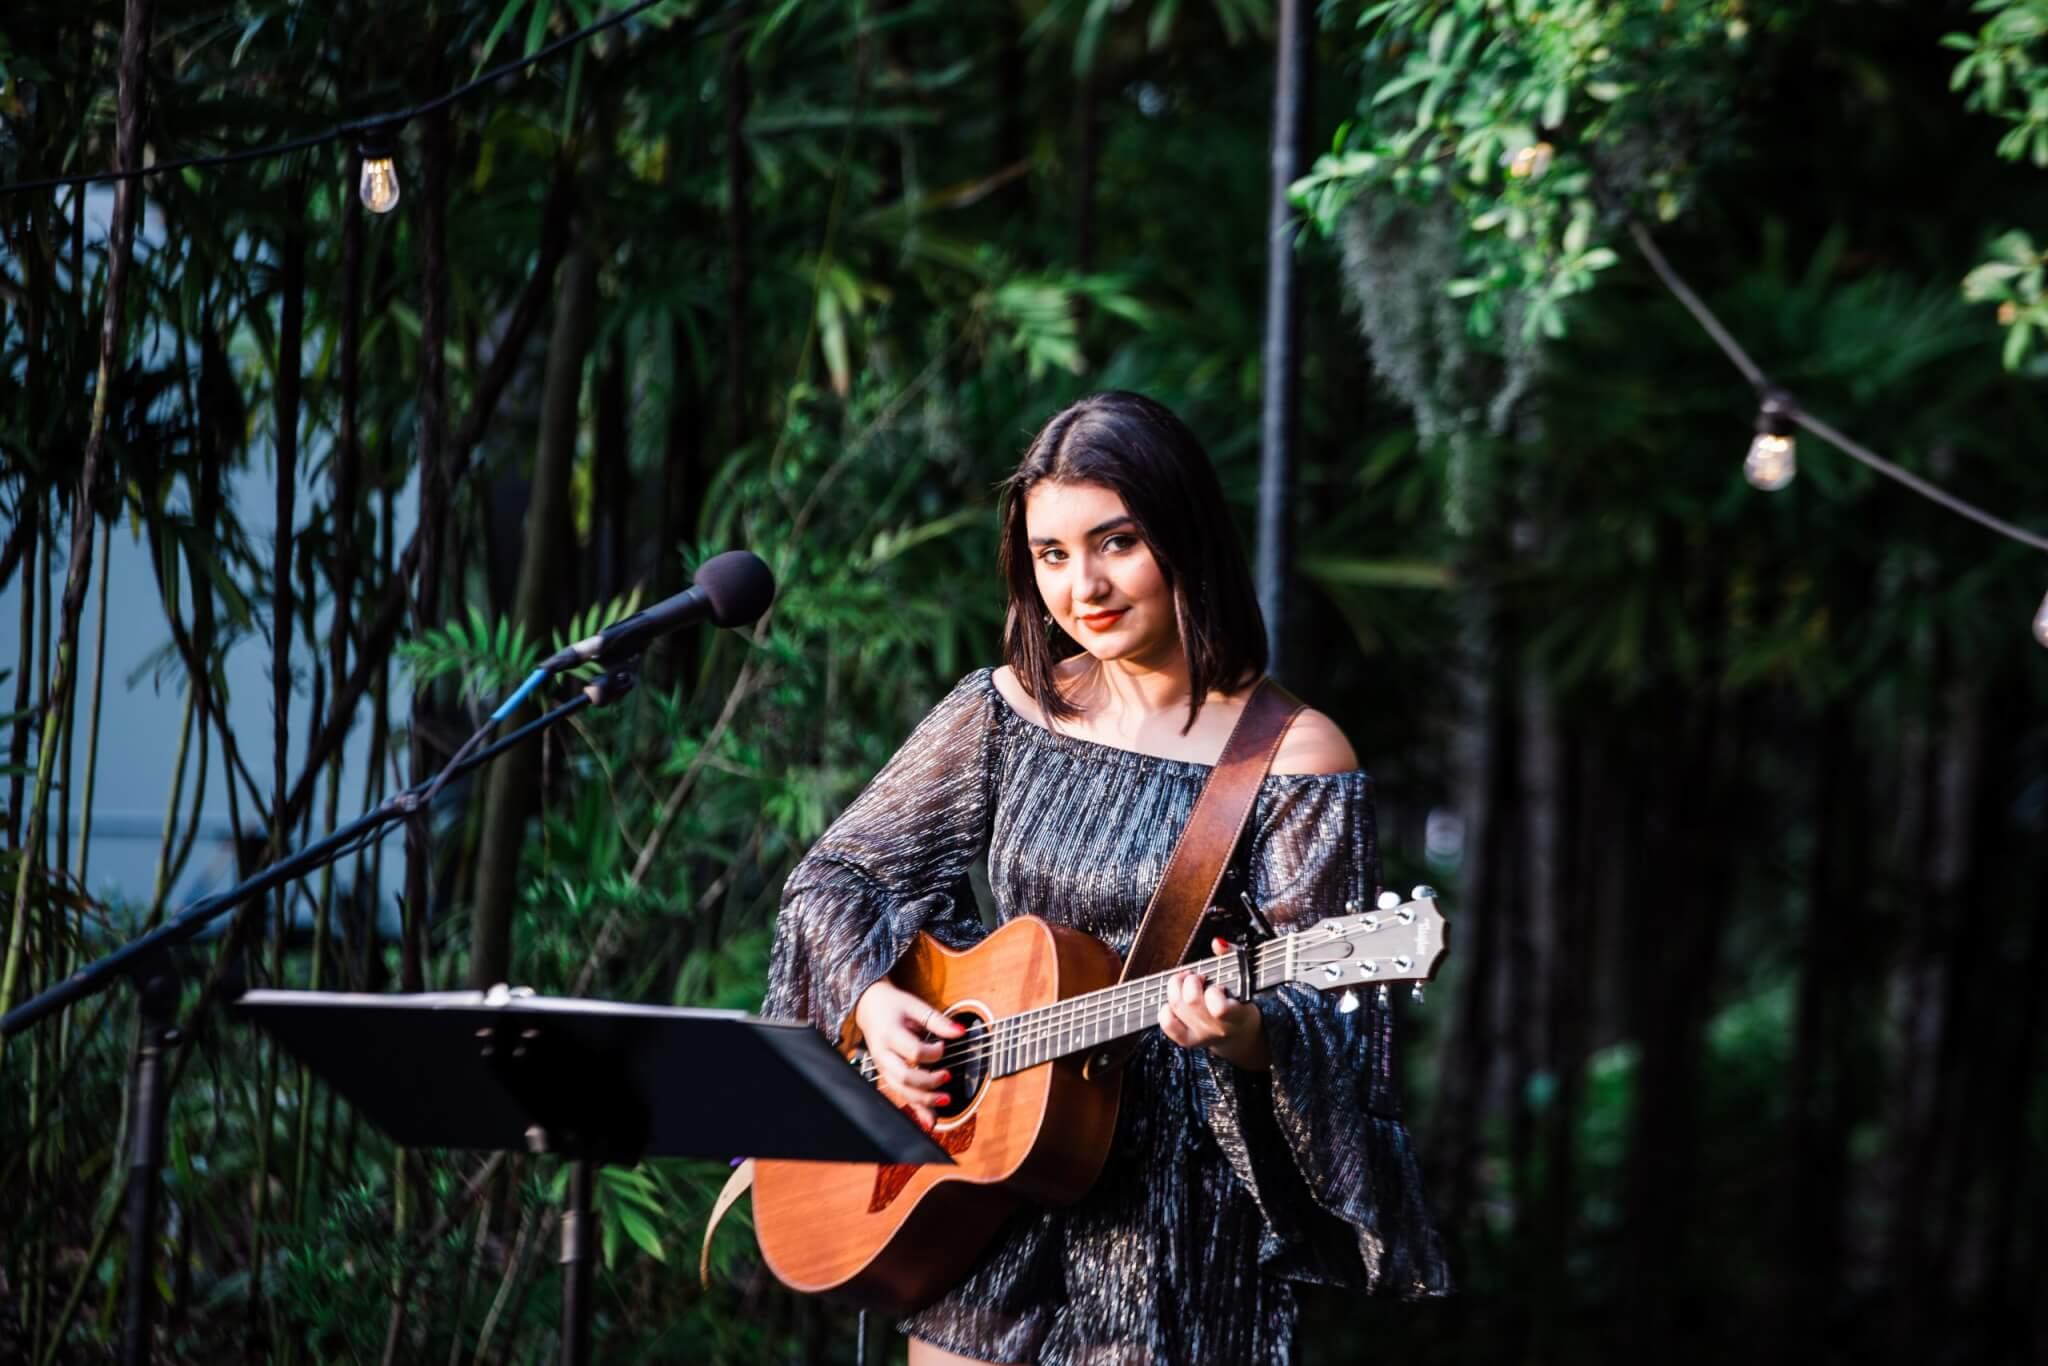 Giselle Gutierrez